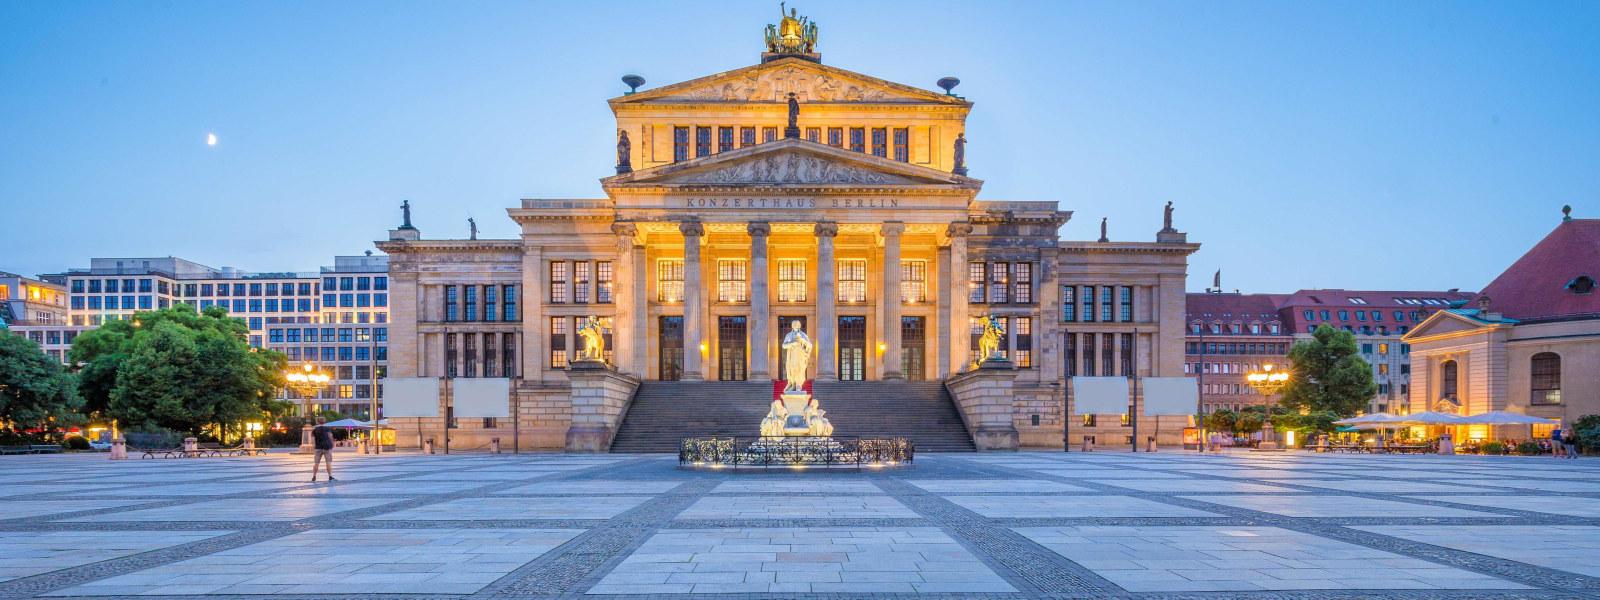 Berlin-Tour-Guide